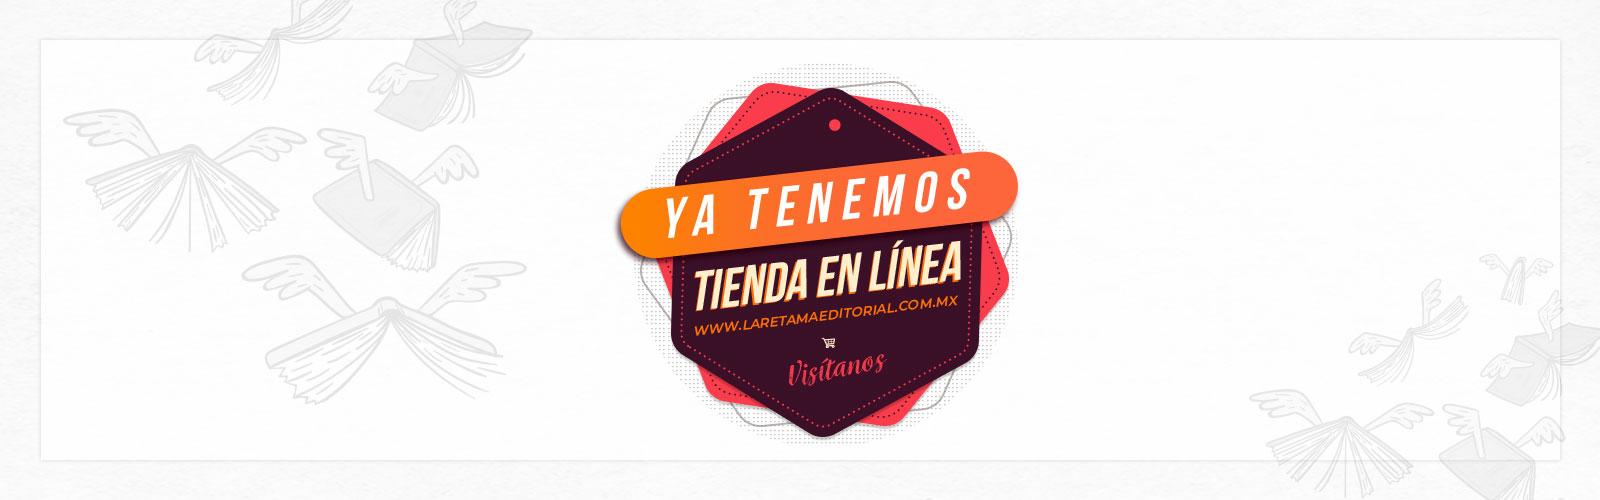 Tienda en Linea La Retama